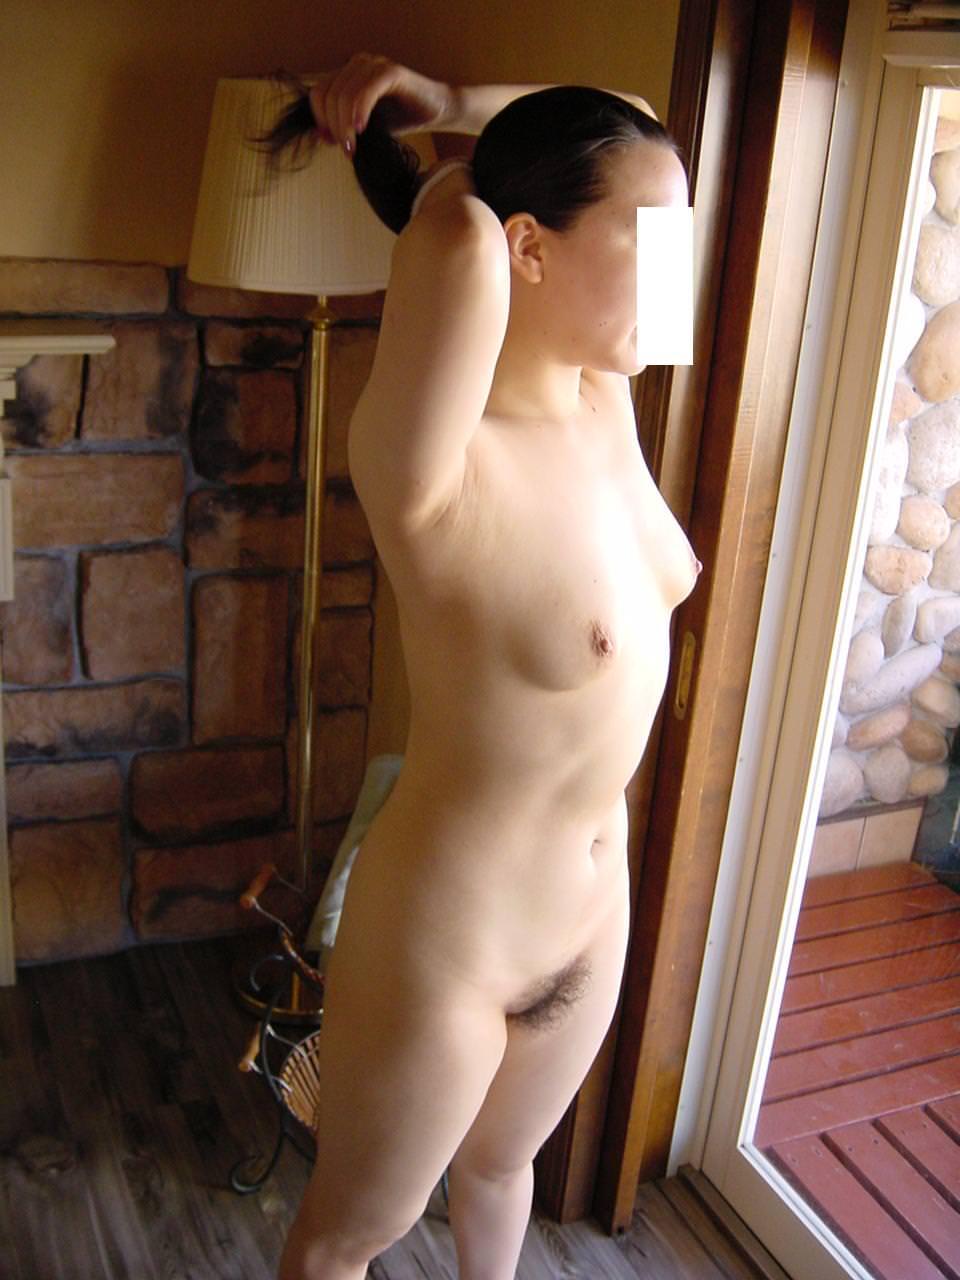 素人女子の陰毛の性的エロさったら異常www濃くて喉に絡まるくらいが好きだろーwww 0872